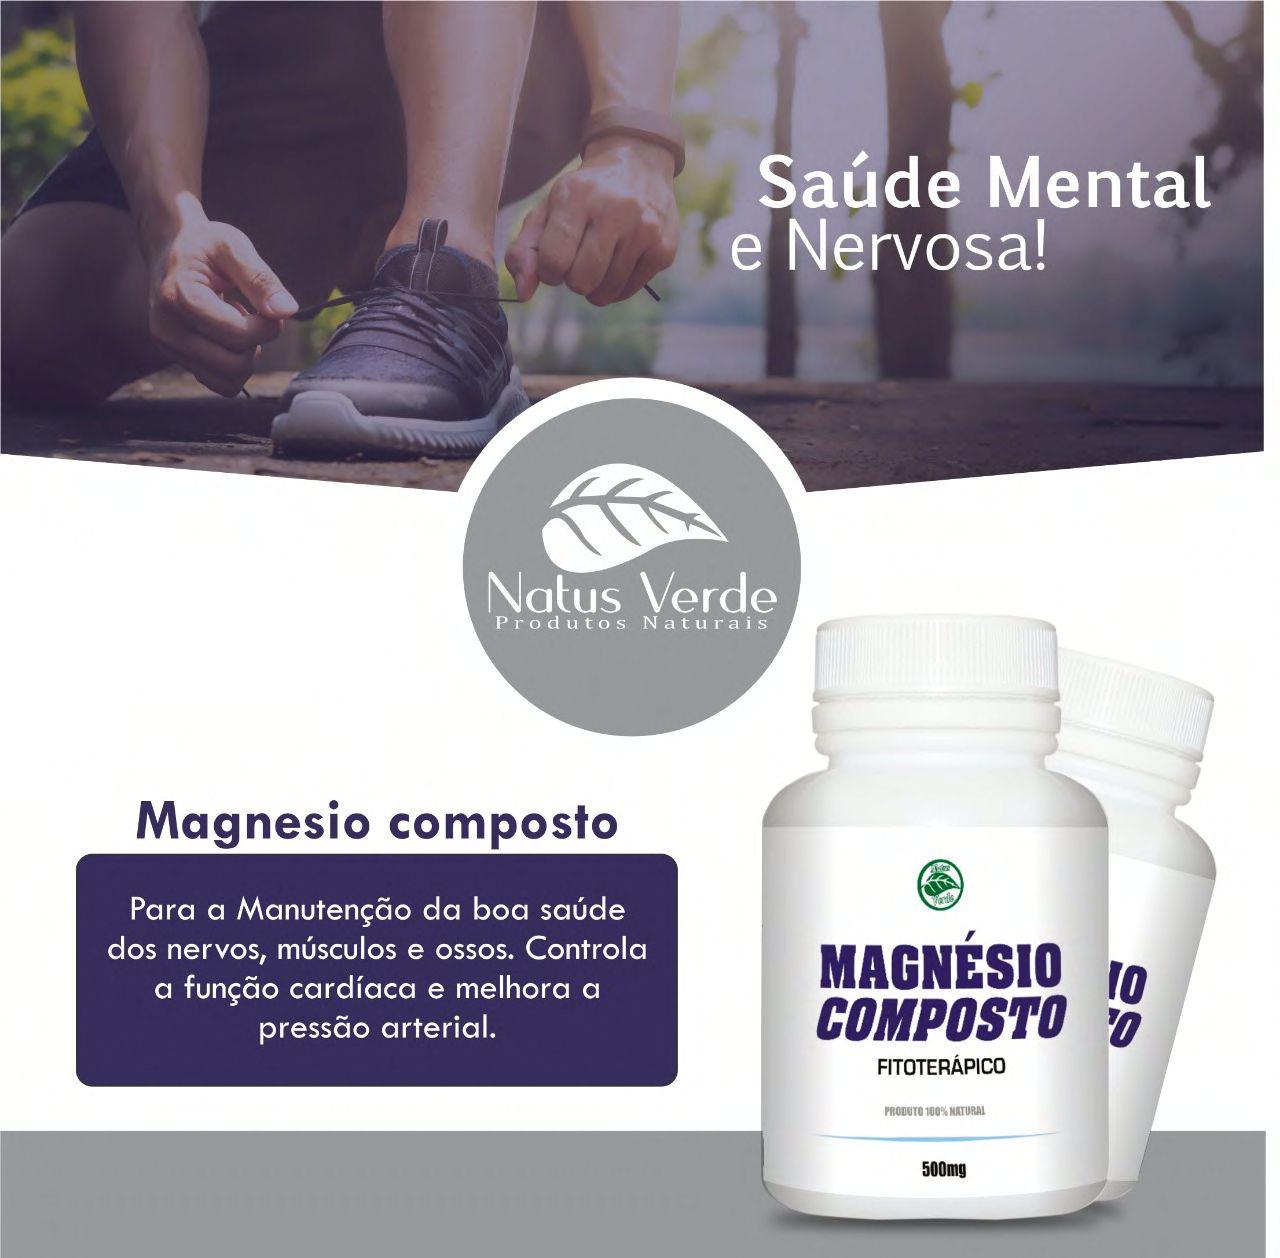 Magnésio Composto Fitoterápico Natus Verde  - Fribasex - Fabricasex.com